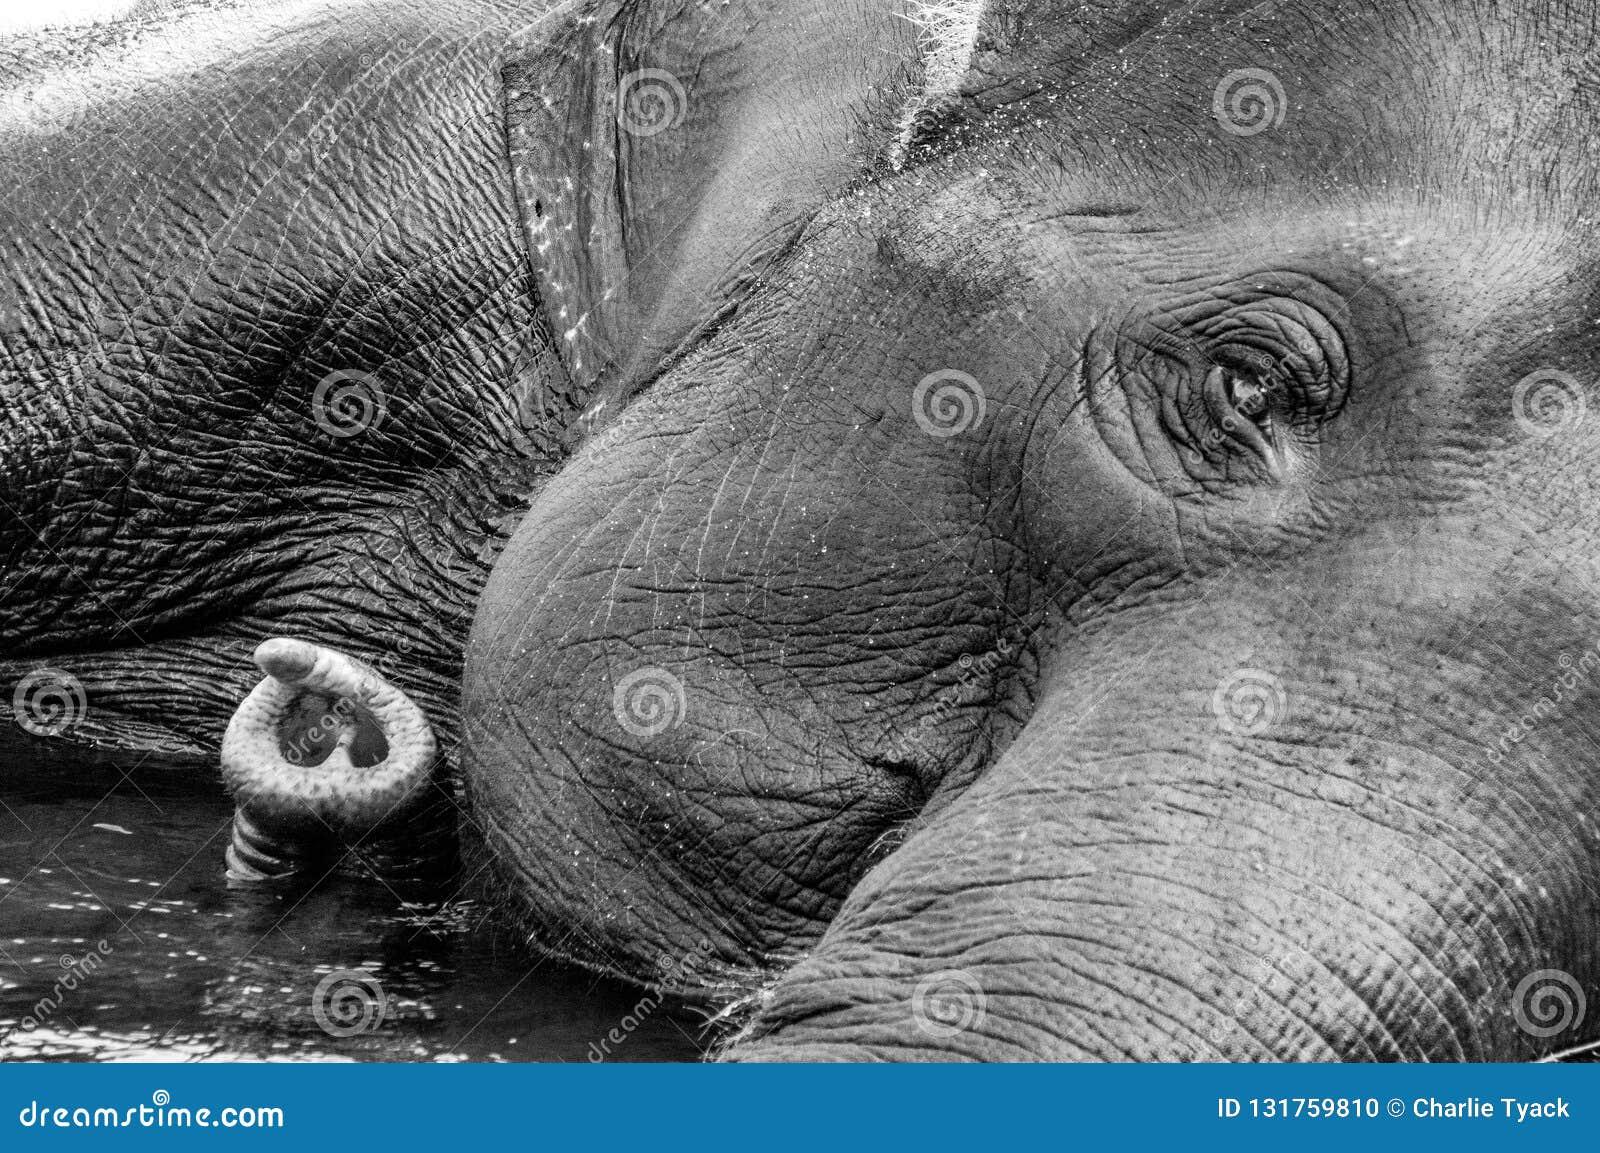 Santuario del elefante de Kodanad - baño del elefante en curso con el ojo y el tronco al izquierdo - blanco y negro